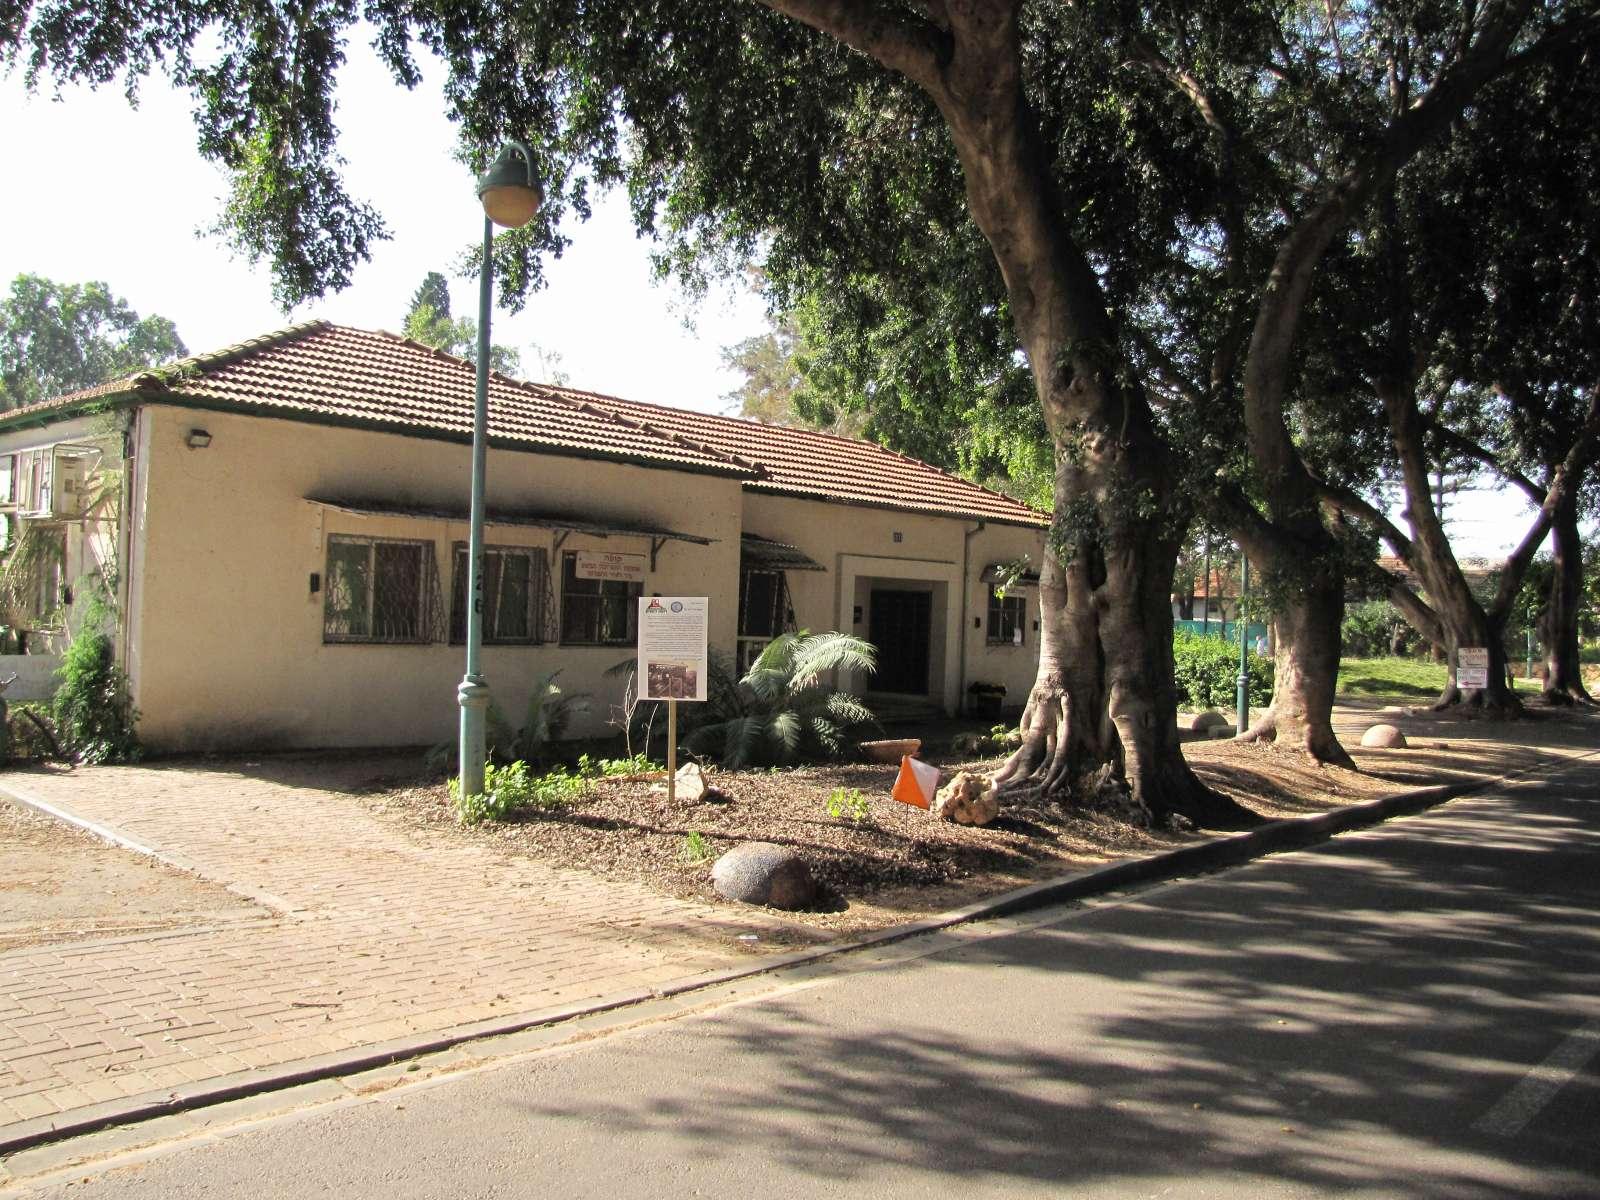 משרד קואופרטיב אל-על, צילמה איריס מורג 2013